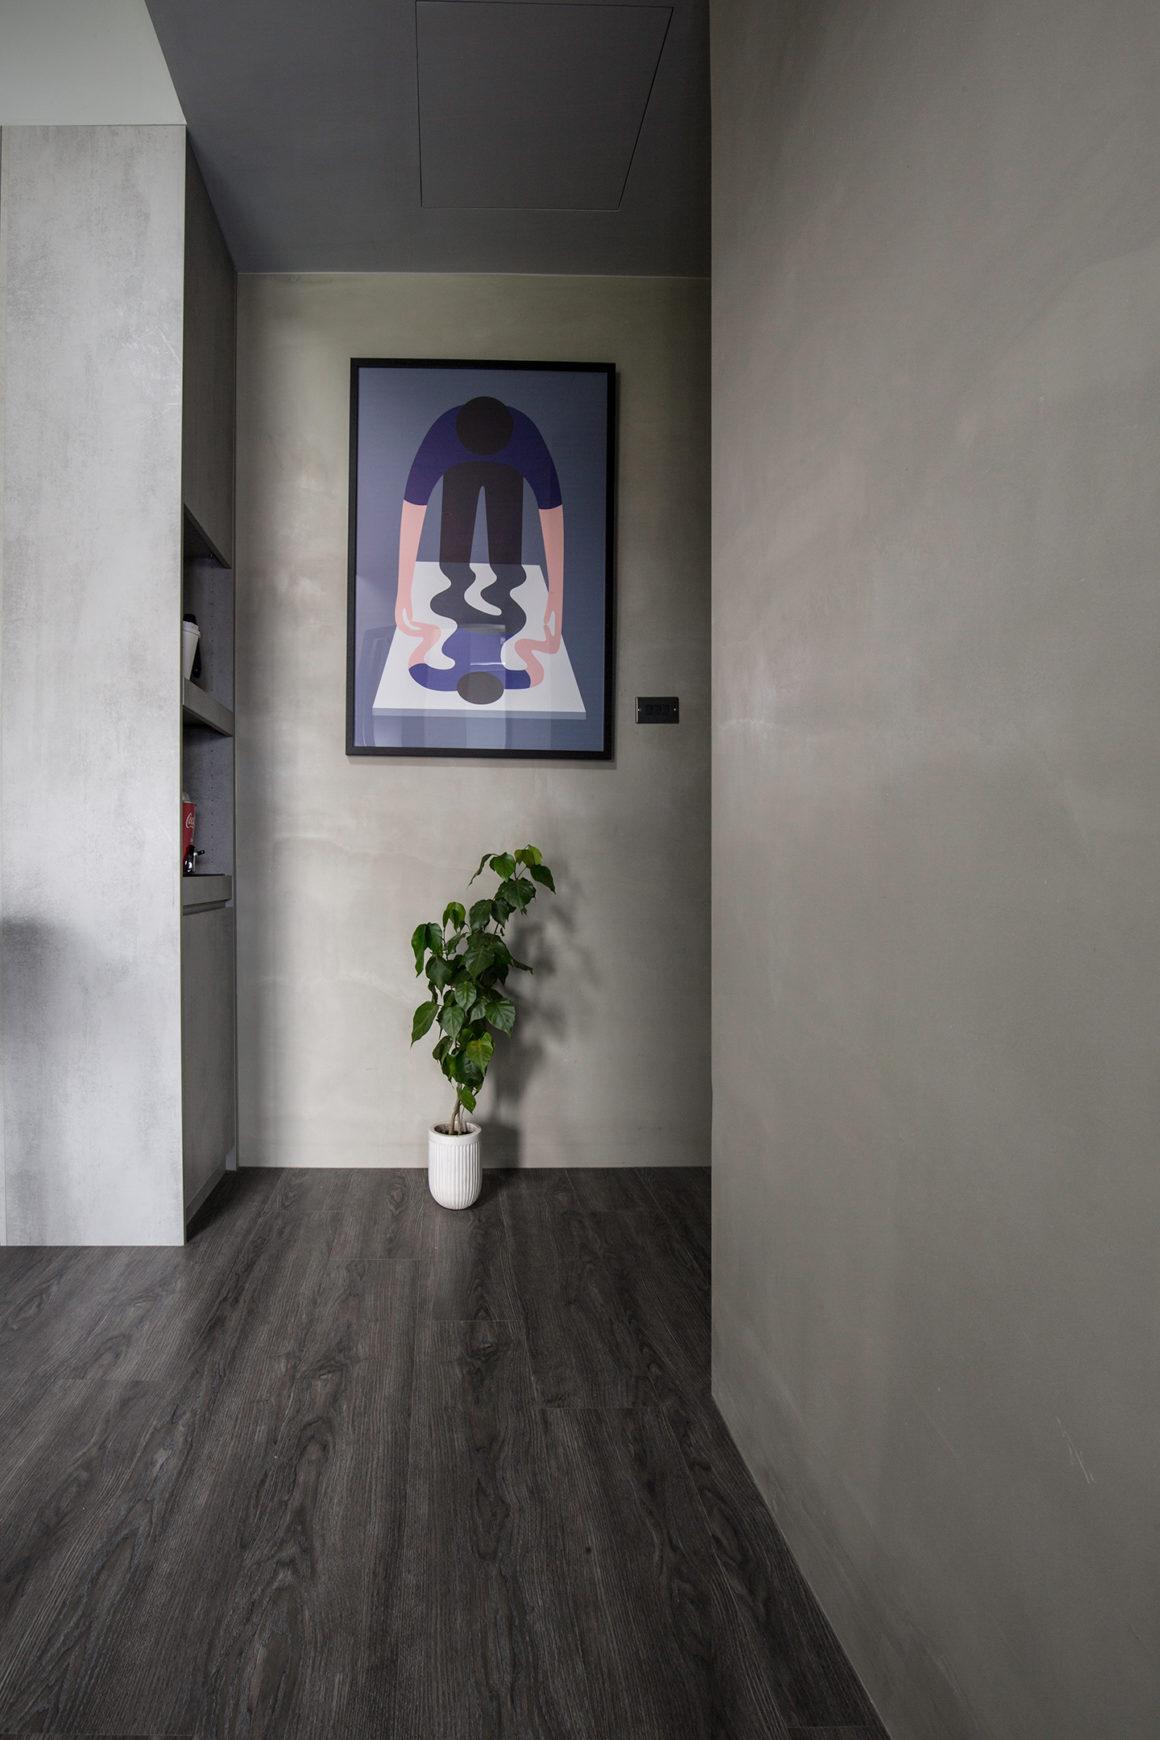 空間設計攝影, reOrigin, 陳建瑋, 設計師, 原研創合,產品攝影,台北攝影,攝影棚,工業風攝影,空間設計攝影,建築攝影,interior design,商業攝影